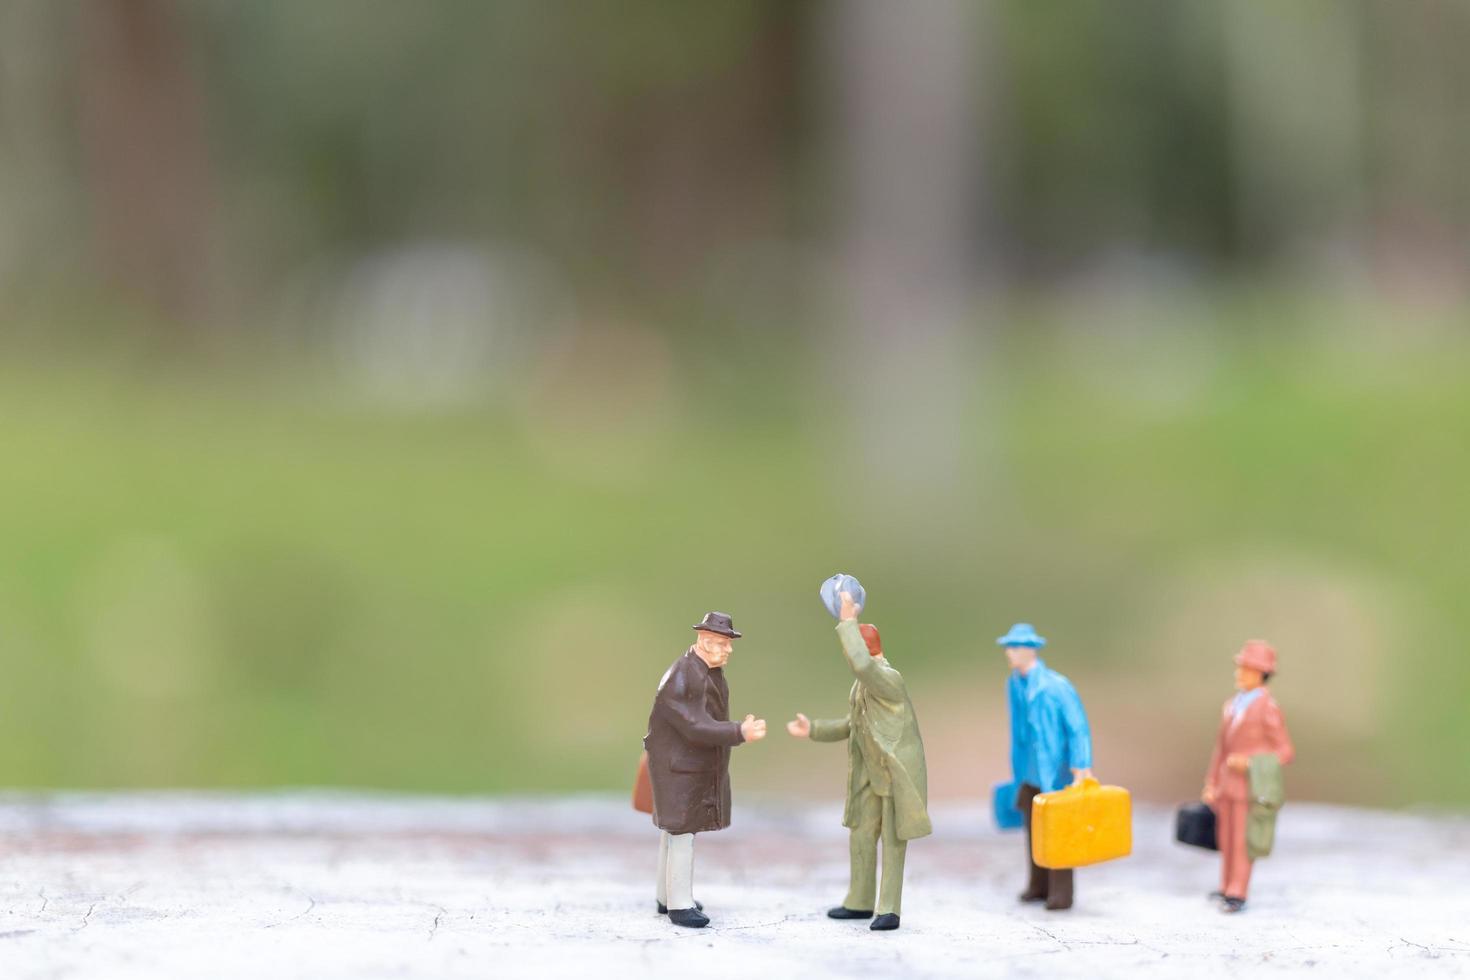 voyageurs miniatures marchant sur un concept de rue, de voyage et d'aventure photo